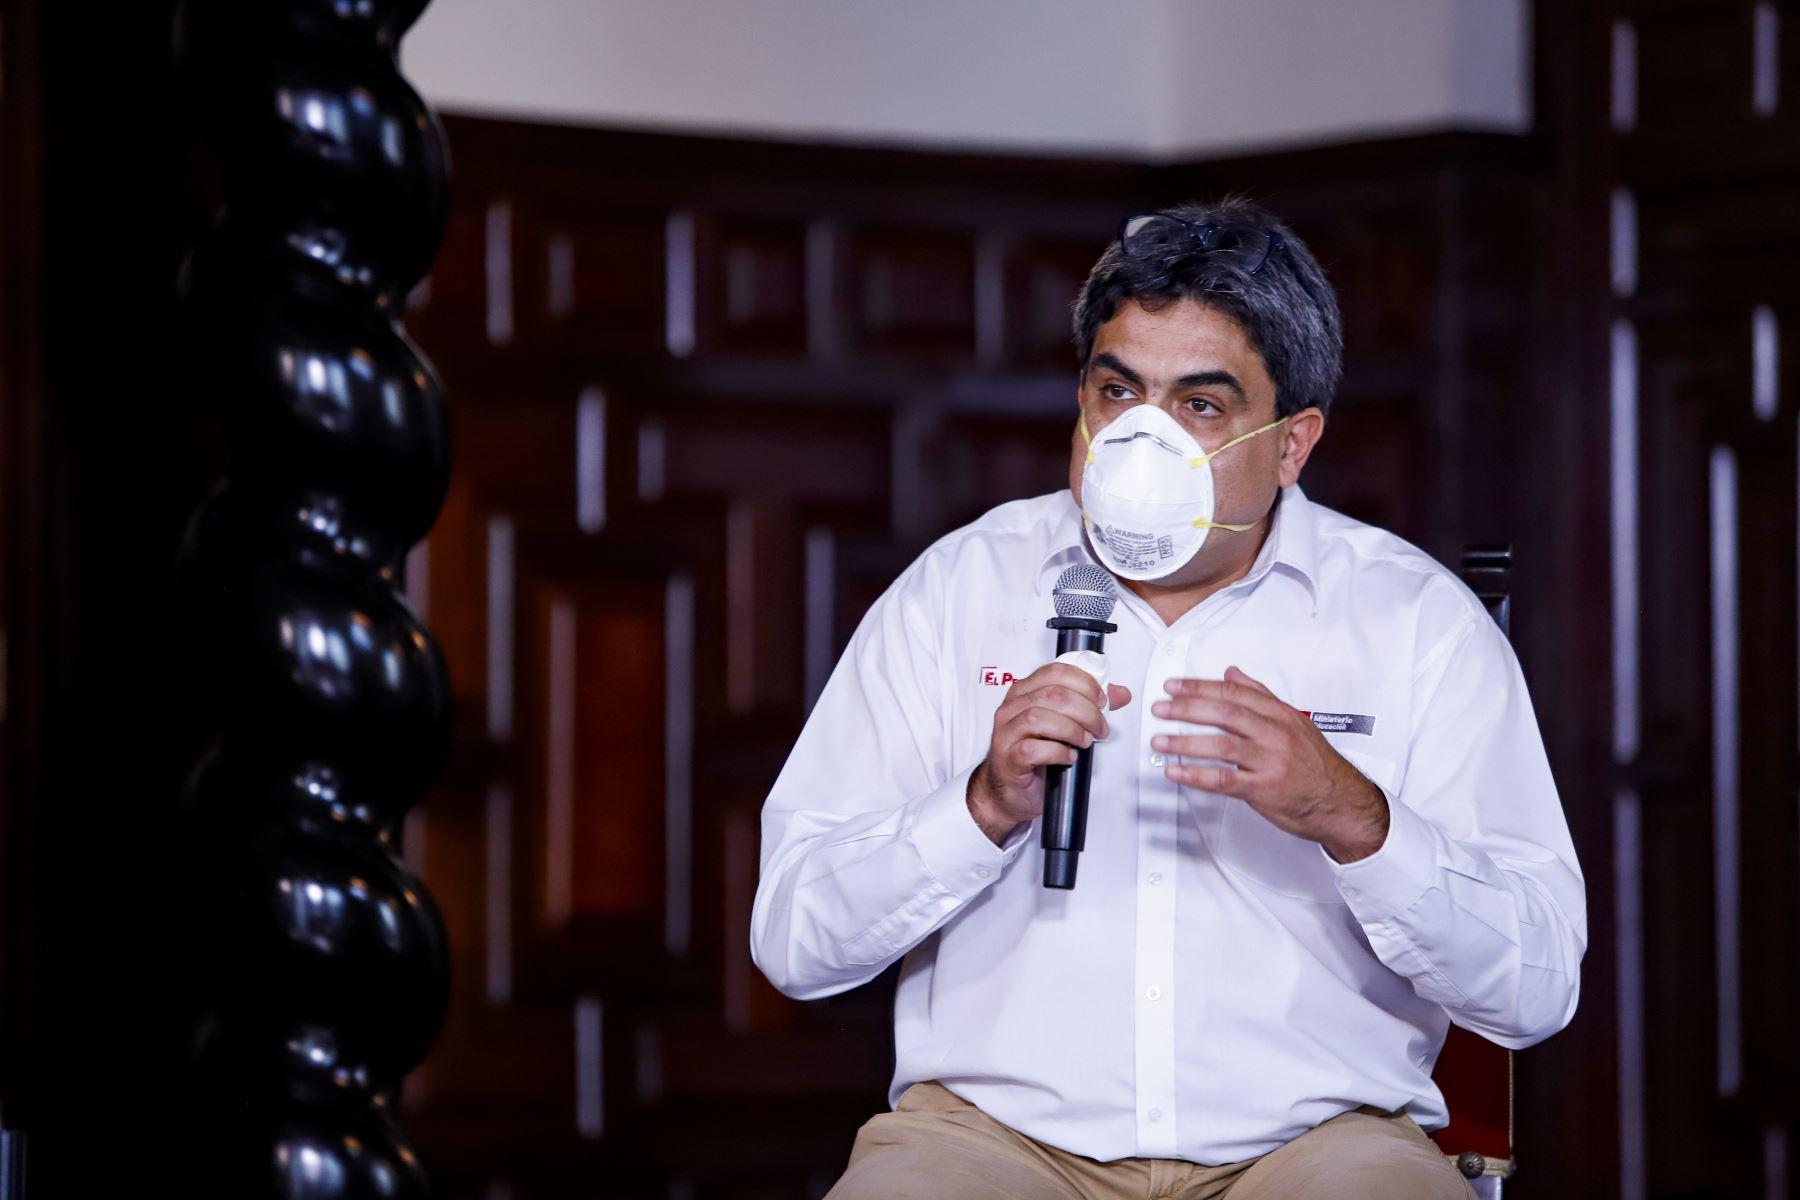 Ministro de Educación Martín Benavides ,informa sobre medidas adoptadas de su sector ante la emergencia nacional por el coronavirus. Foto: ANDINA/ Prensa Presidencia